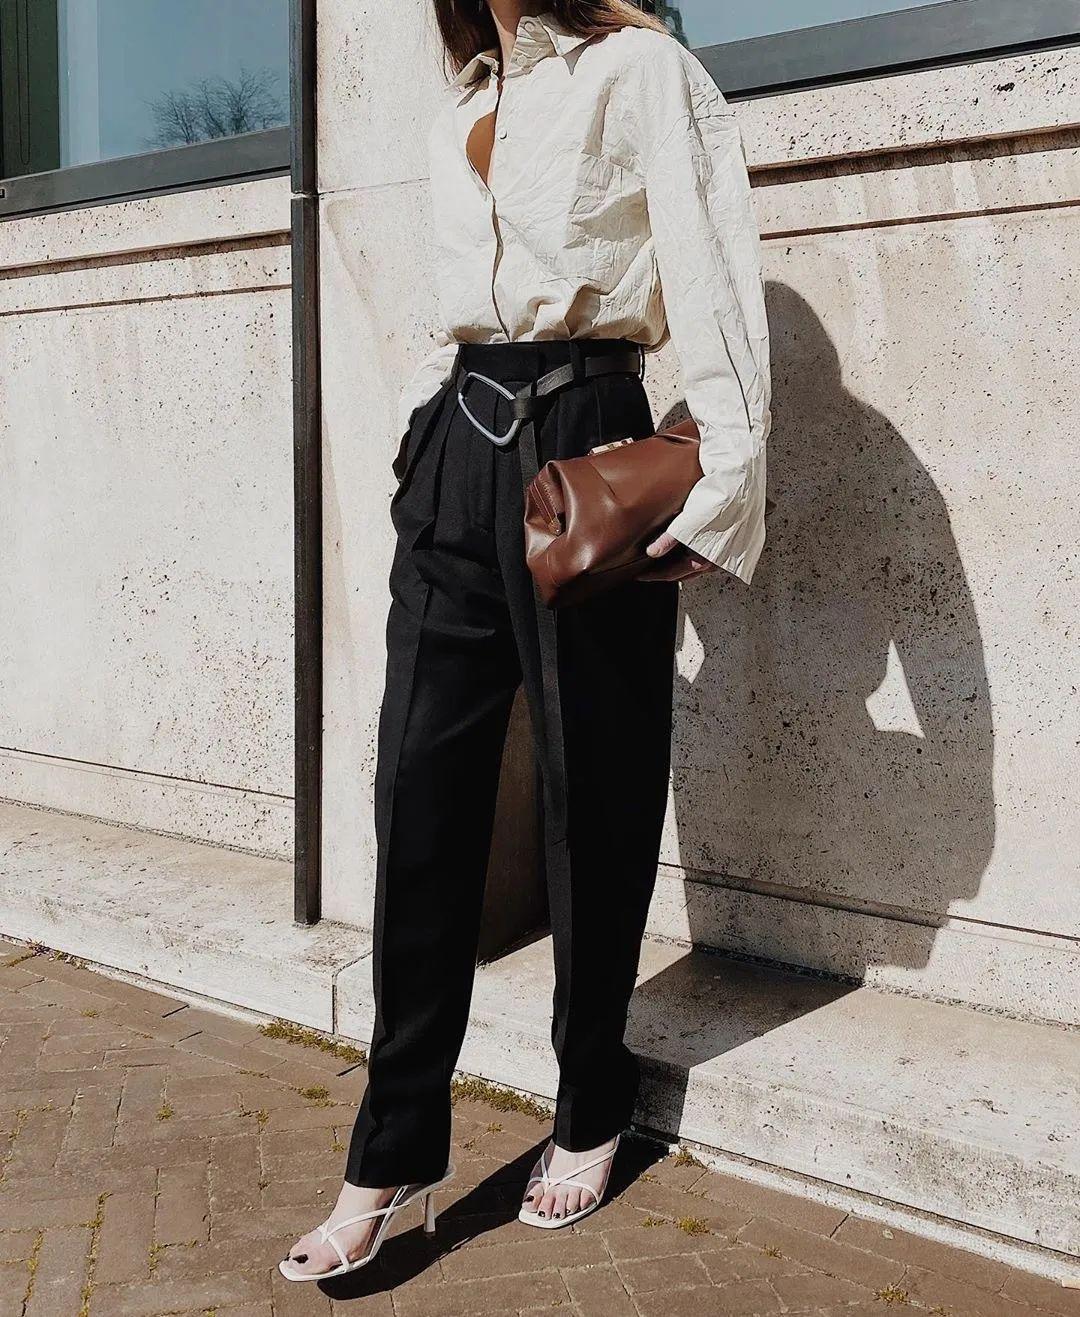 Đánh bật hết mọi kiểu quần, quần thuốc lá mới là item nàng công sở cần nhất vì vừa tôn dáng lại vừa sang chảnh - Ảnh 12.